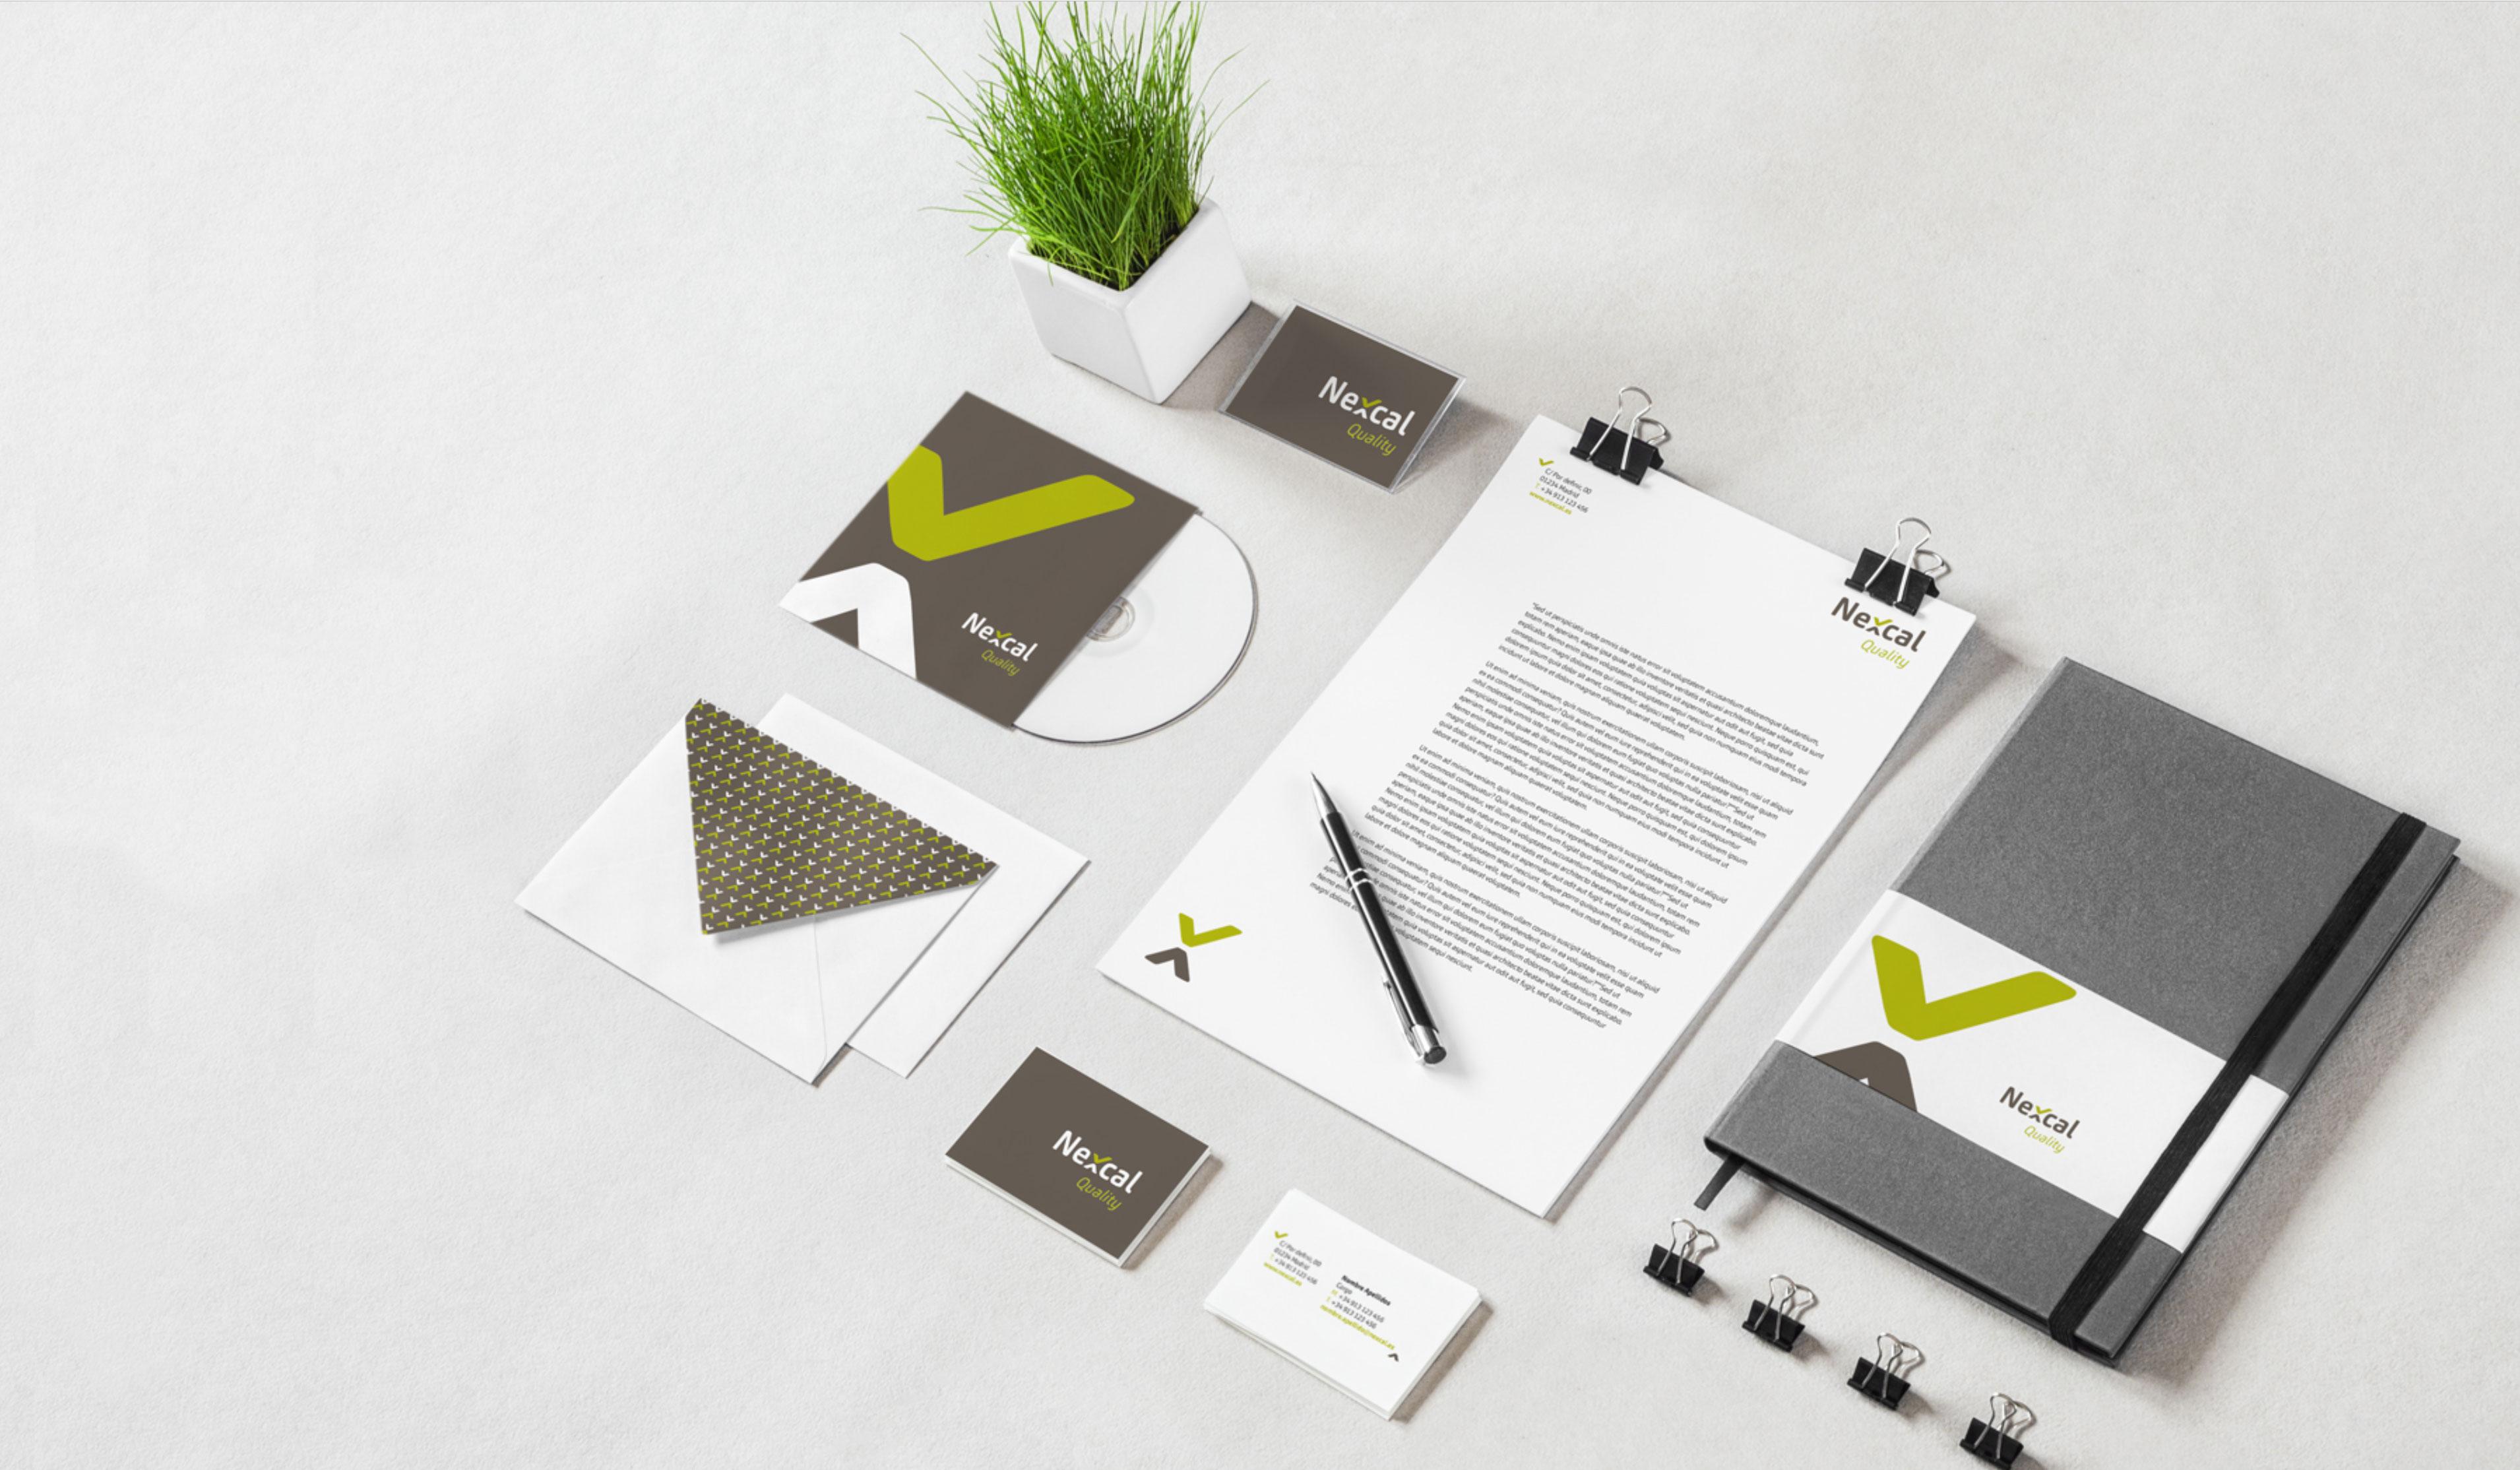 diseño corporativo de marca y branding madrid